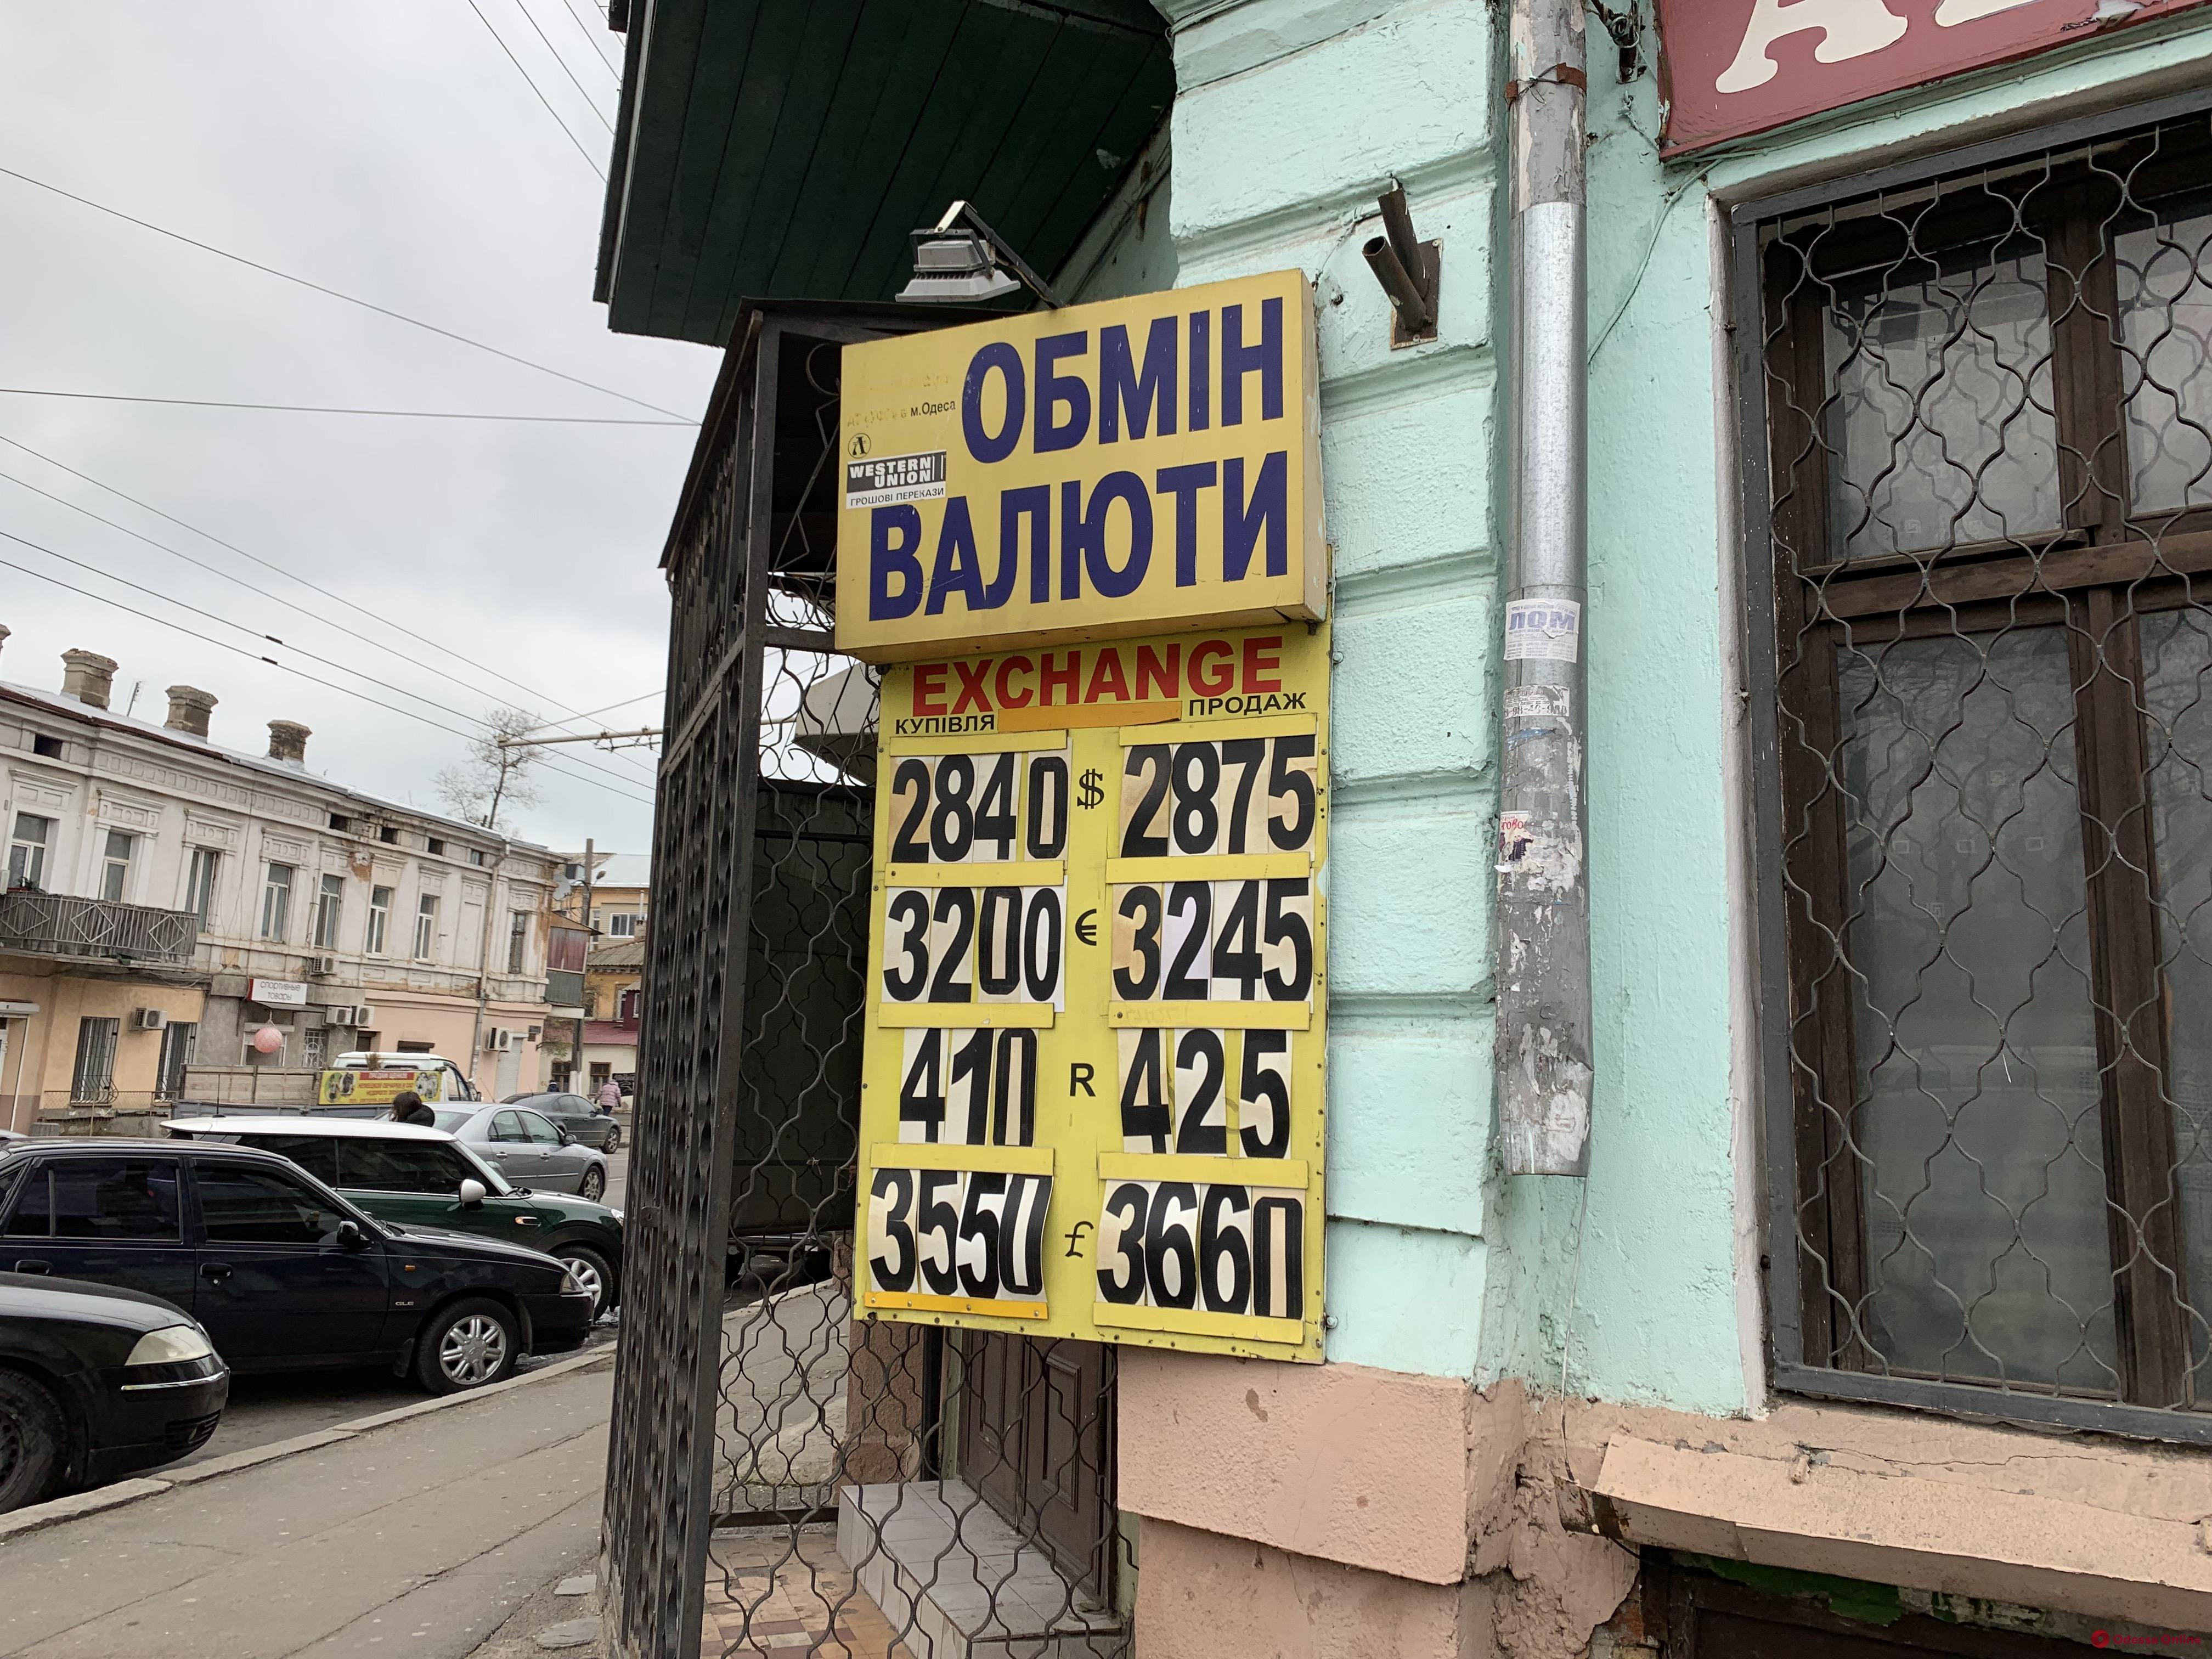 Одесса: что происходит с евро и долларом?